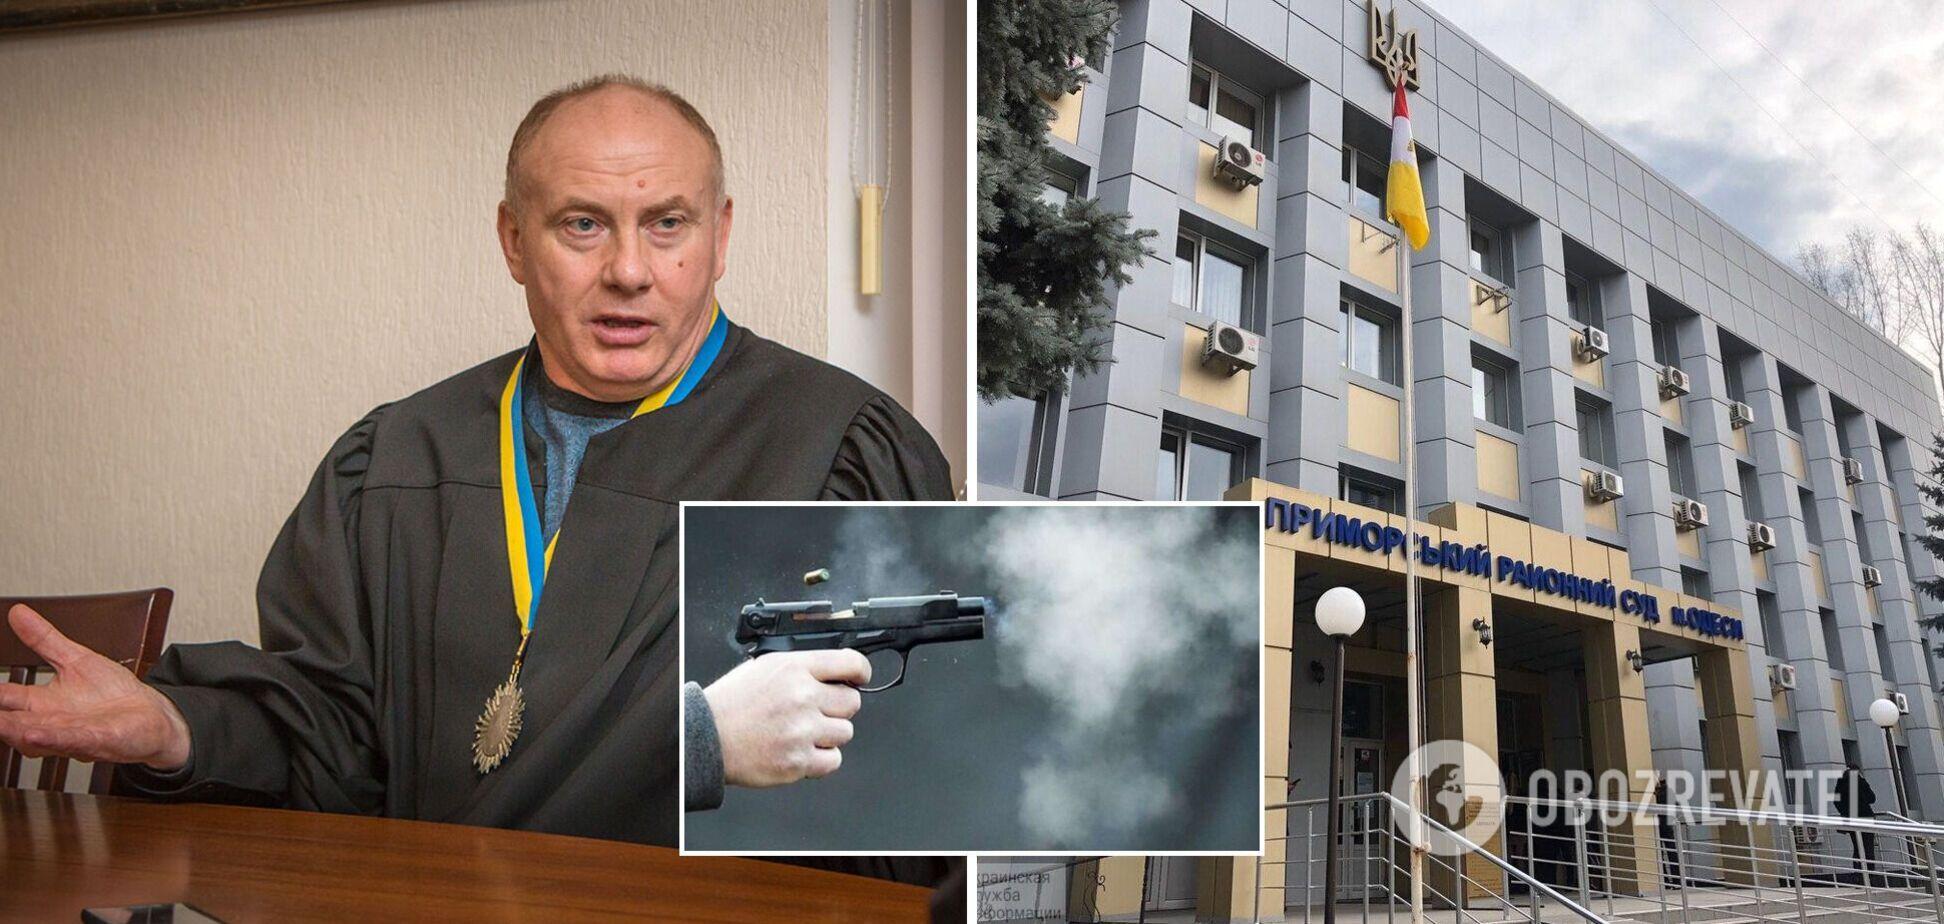 Голова суду в Одесі, який розглядає справу Стерненка, заявив про обстріл свого кабінету